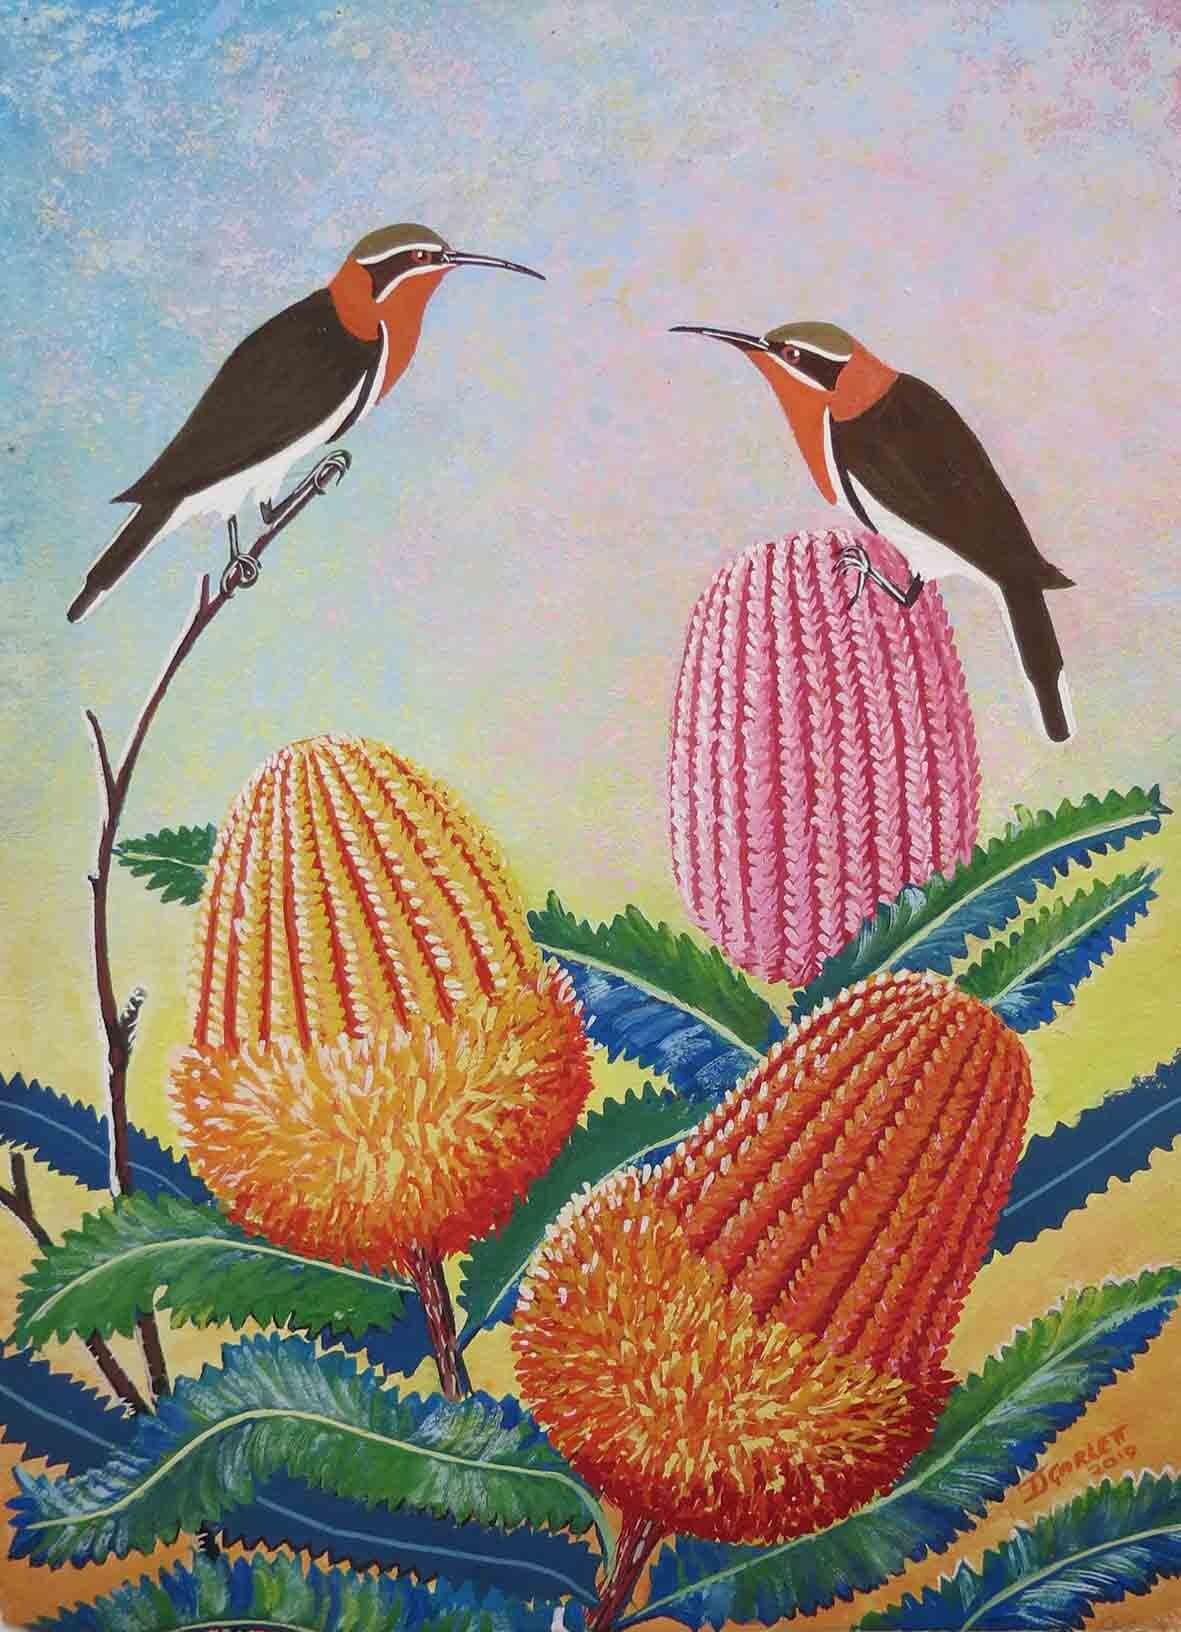 1. Jeanette Garlett,Banksias, 2019, gouache on paper, 42 x 29.7 cm $1,000